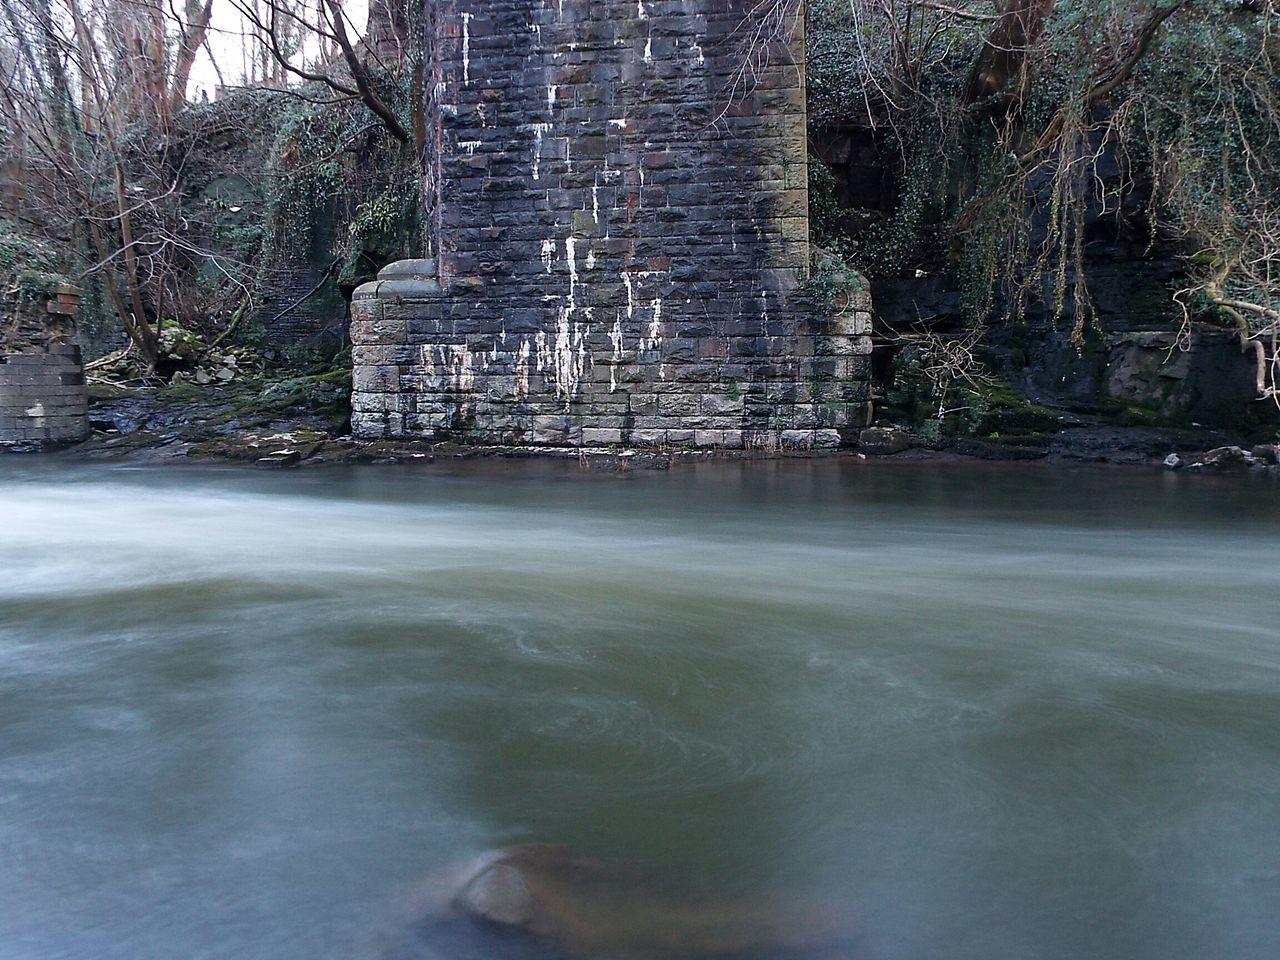 River Taff River Long Exposure